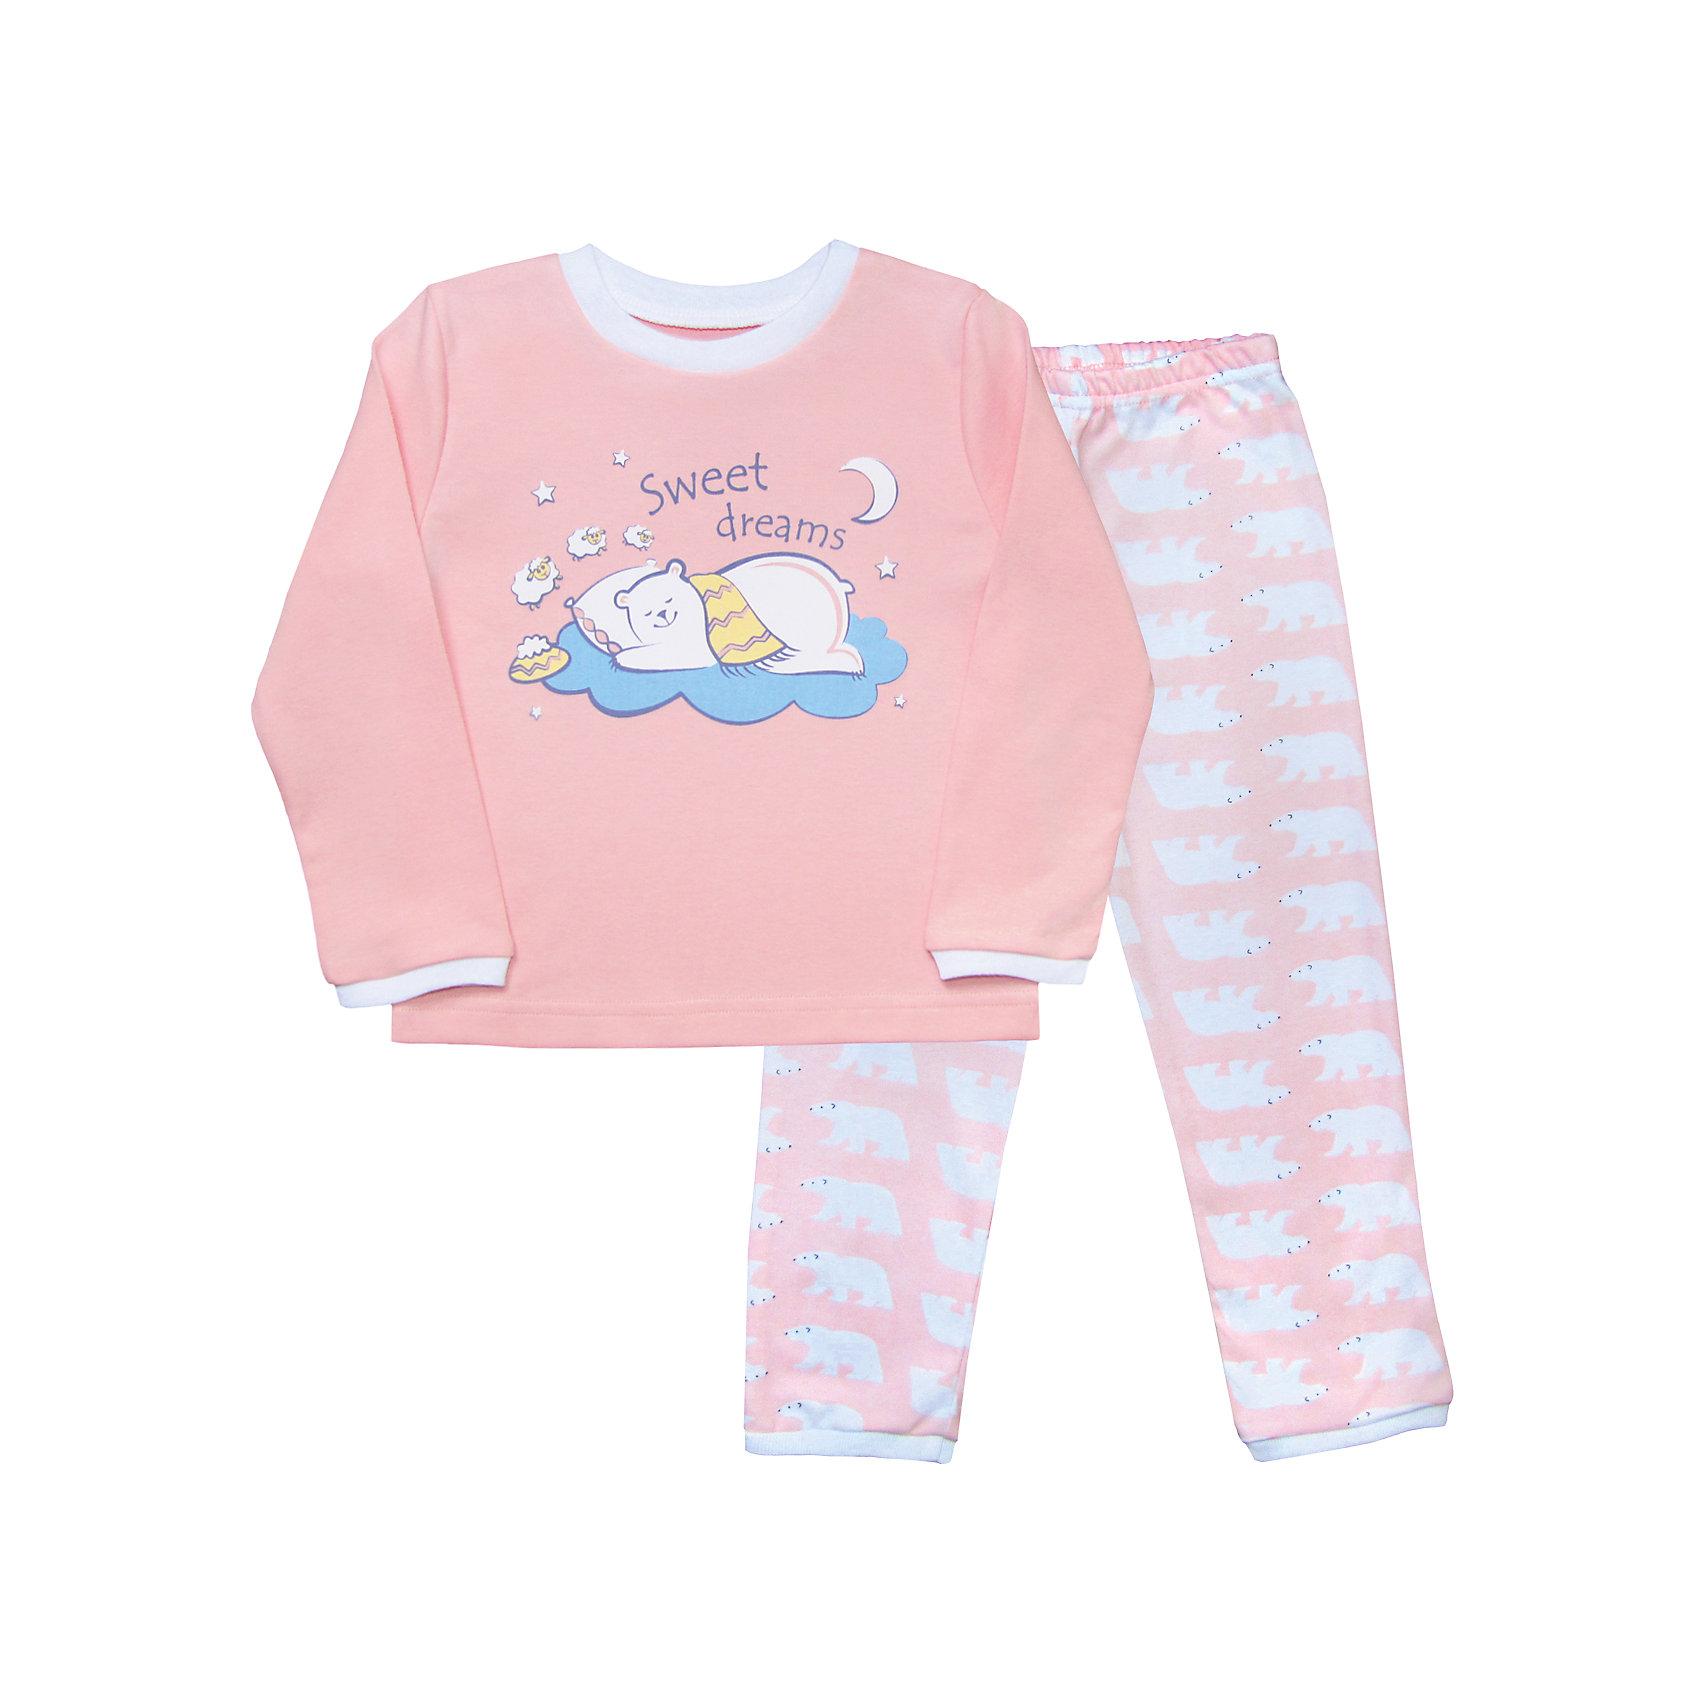 Пижама для девочки Веселый малышПижамы для малышей<br>На удобство пижамы ребенка нужно обратить особое внимание. Домашняя одежда для малышей должна быть удобной и качественной - это один из необходимых факторов для правильного развития и хорошего самочувствия ребенка.<br>Эта пижама отличается высоким качеством швов, продуманным кроем, что позволяет ей хорошо фиксироваться на теле малыша, не сползать и не натирать. Материал - интерлок. Это плотная ткань из натурального хлопка, гладкая, приятная на ощупь, дышащая и гипоаллергенная. Комплект состоит из штанишек и футболки с длинным рукавом.<br><br>Дополнительная информация:<br><br>материал: 100% хлопок интерлок;<br>украшена принтом;<br>комплектация: штаны, футболка с длинным рукавом.<br><br>Пижаму от бренда Веселый малыш можно купить в нашем магазине.<br><br>Ширина мм: 281<br>Глубина мм: 70<br>Высота мм: 188<br>Вес г: 295<br>Цвет: розовый<br>Возраст от месяцев: 60<br>Возраст до месяцев: 72<br>Пол: Женский<br>Возраст: Детский<br>Размер: 116,104,98,92,86,110<br>SKU: 4810379